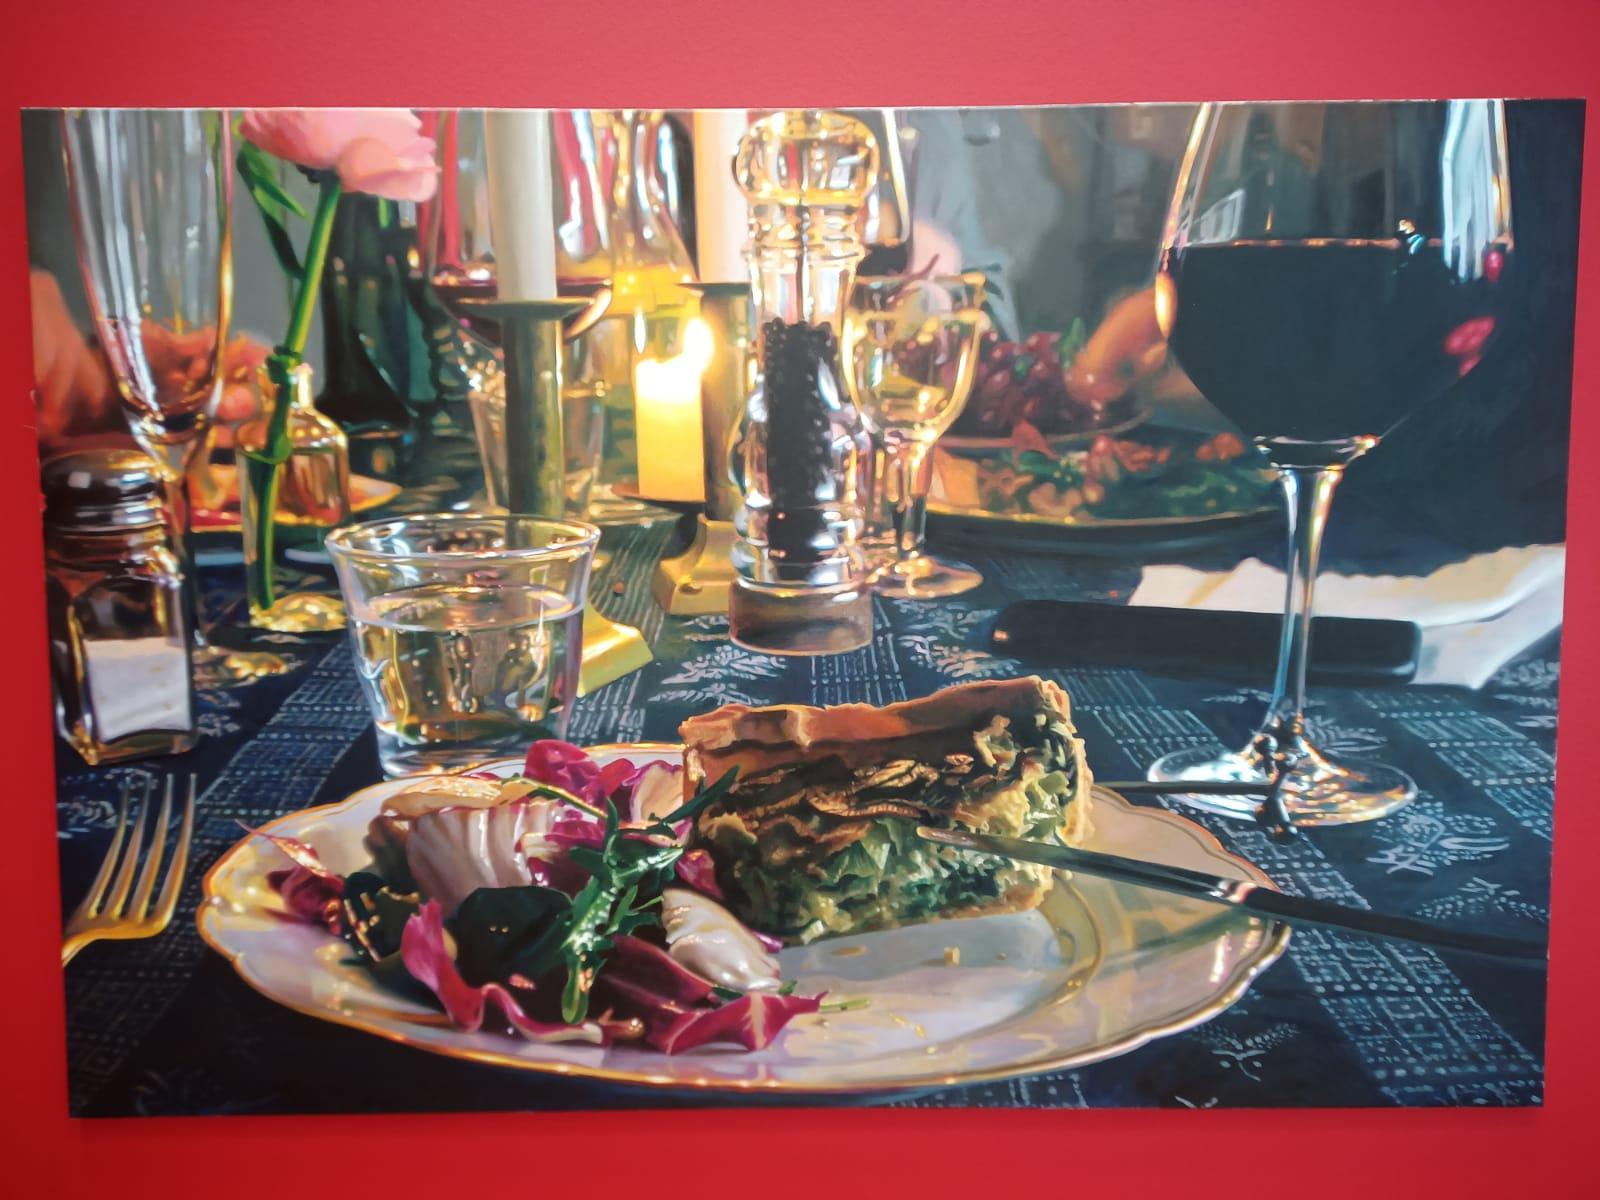 Ein Ölgemälde eunes gedeckten Tisches, welches aussieht wie fotografiert